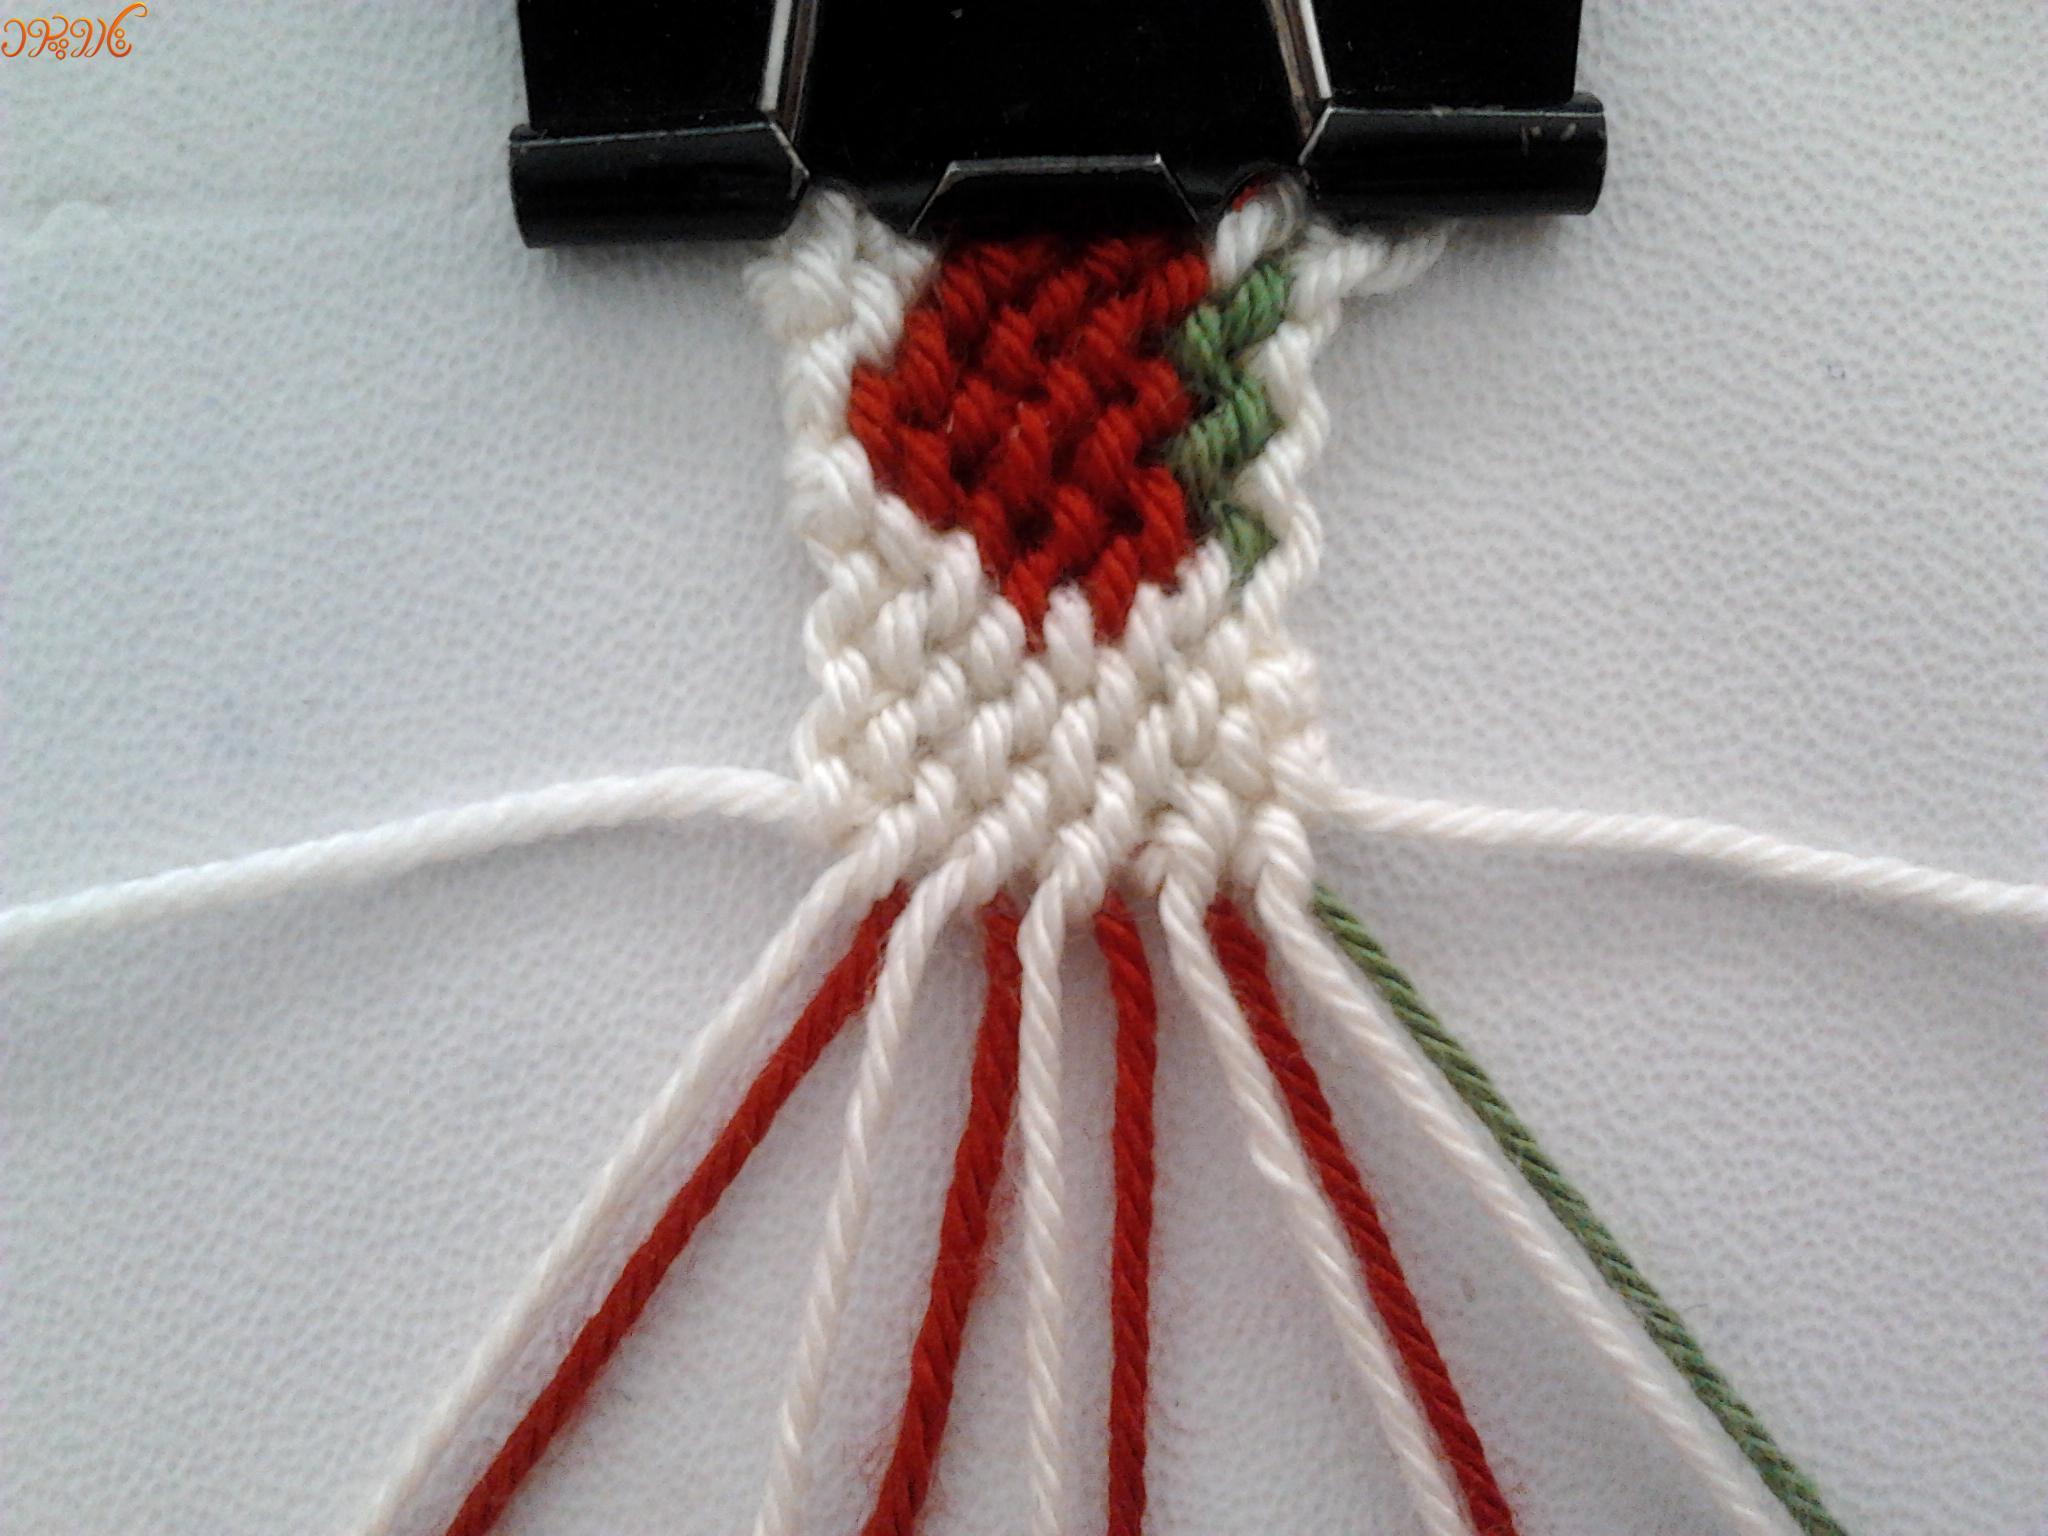 آموزش بافت دستبند دوستی زیبا طرح توت فرنگی